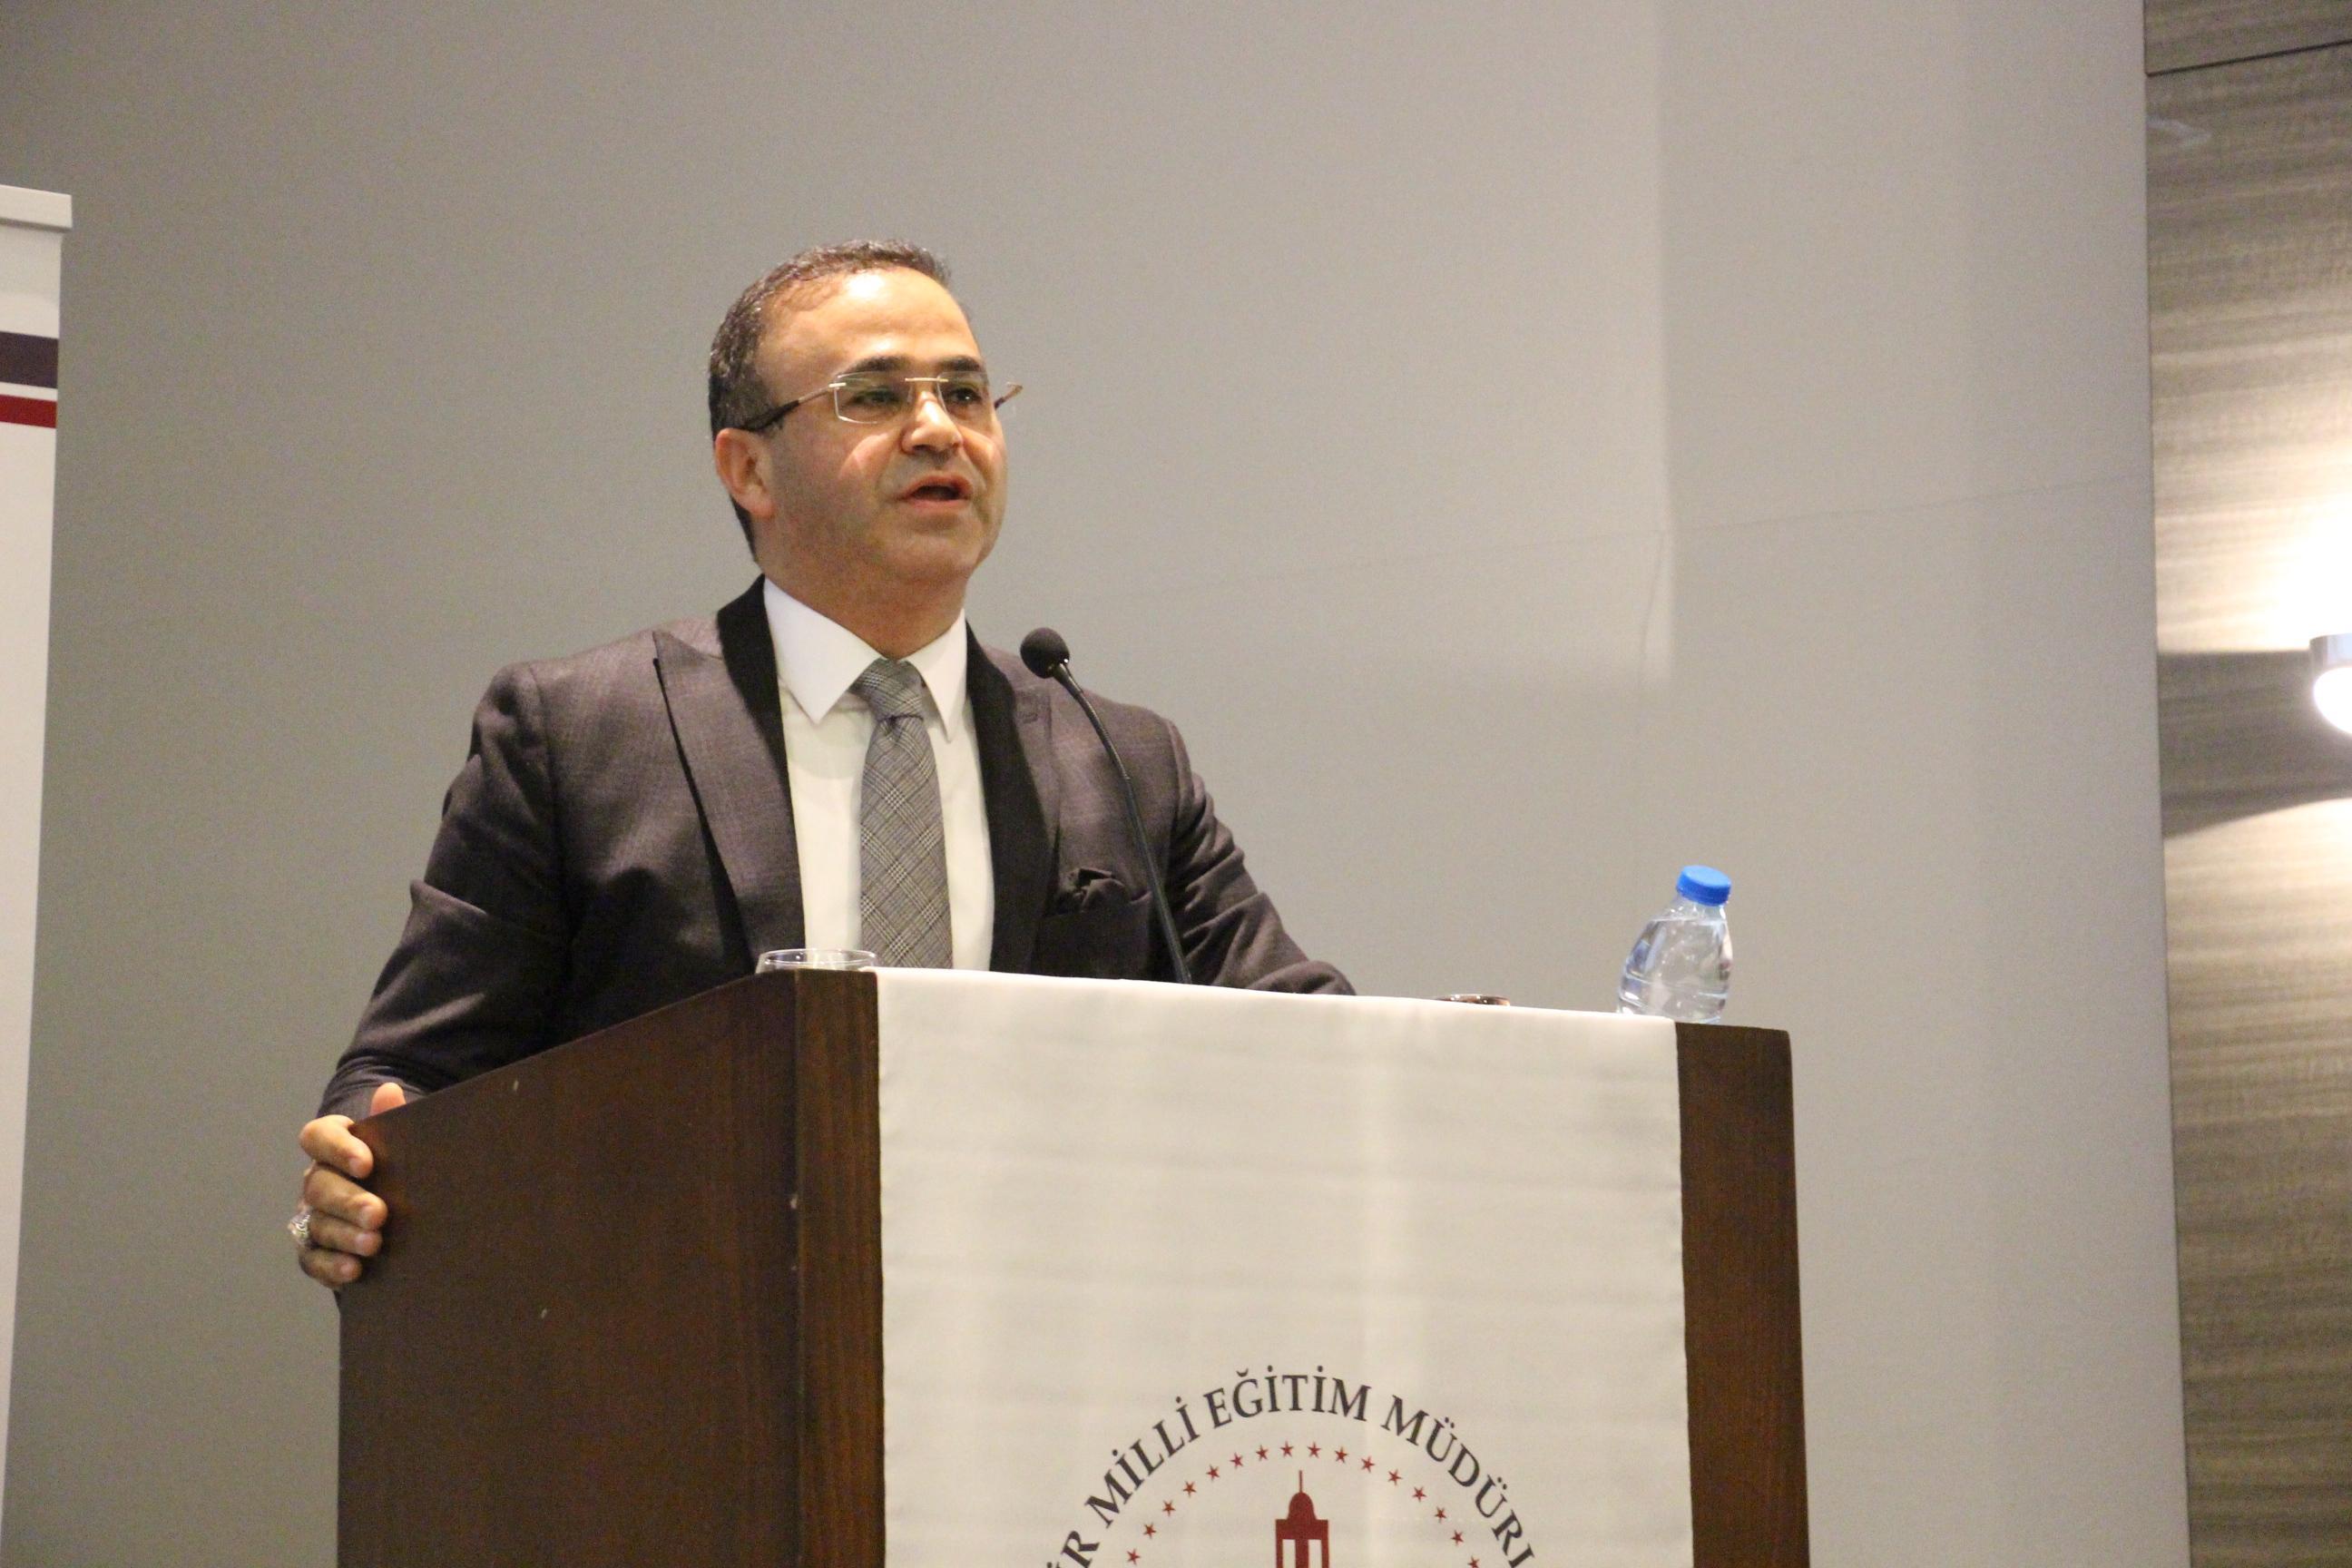 Eğitimin vizyonu İzmir'de  konuşuldu